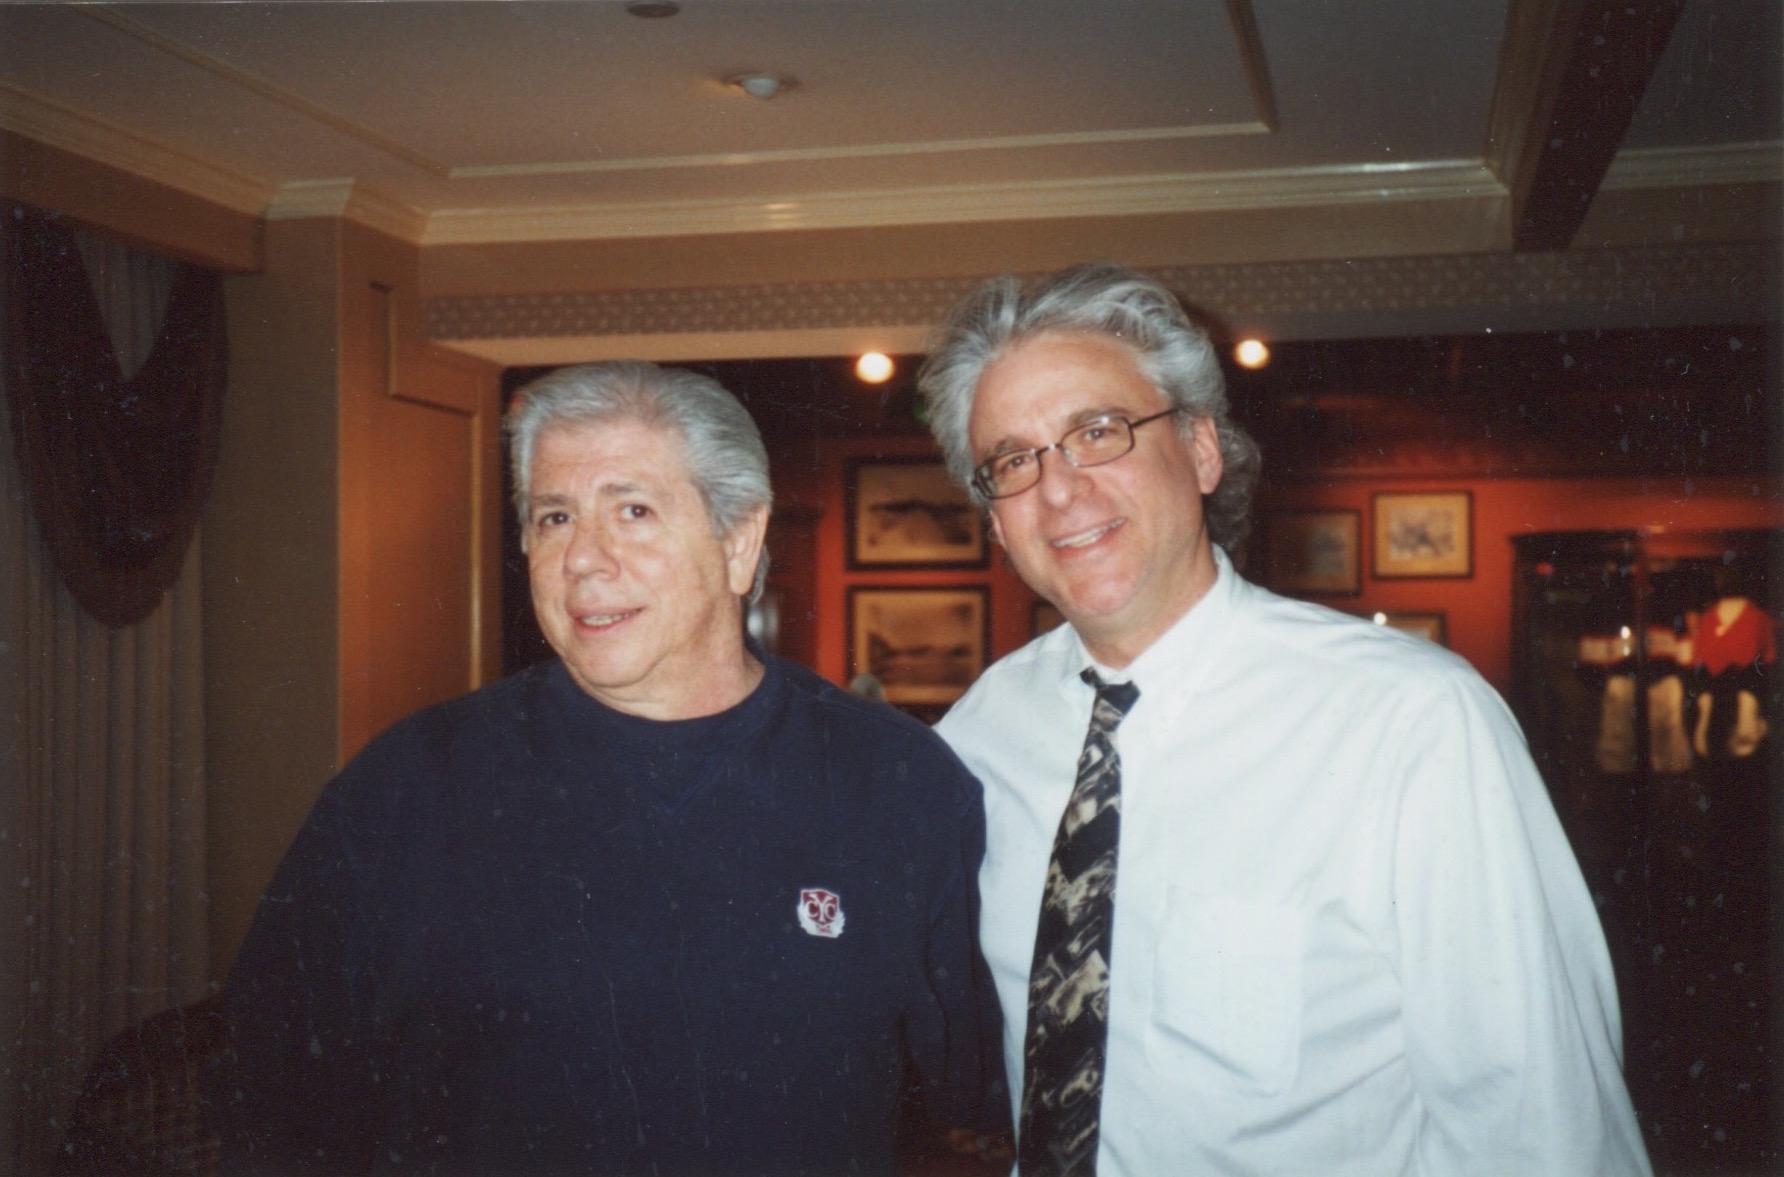 Jeff with Carl Bernstein